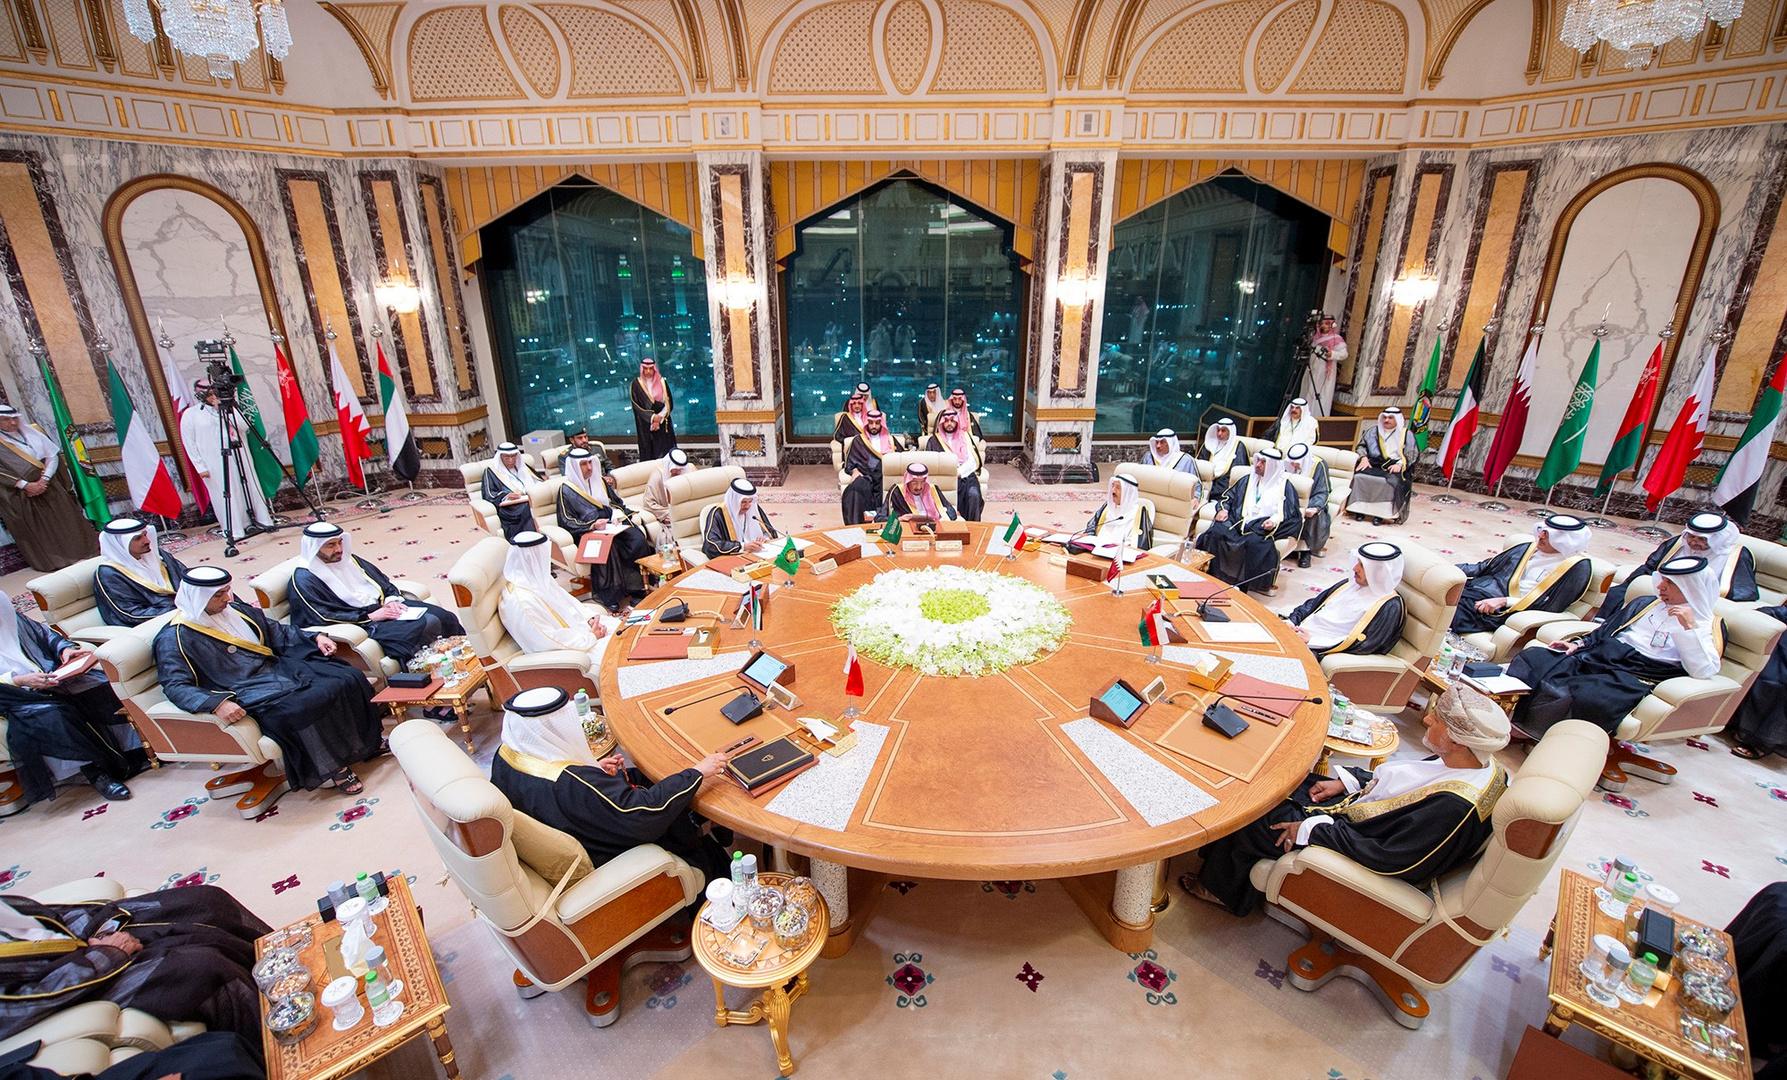 أمين عام مجلس التعاون يبحث مع وزير خارجية الكويت جدول أعمال القمة الخليجية